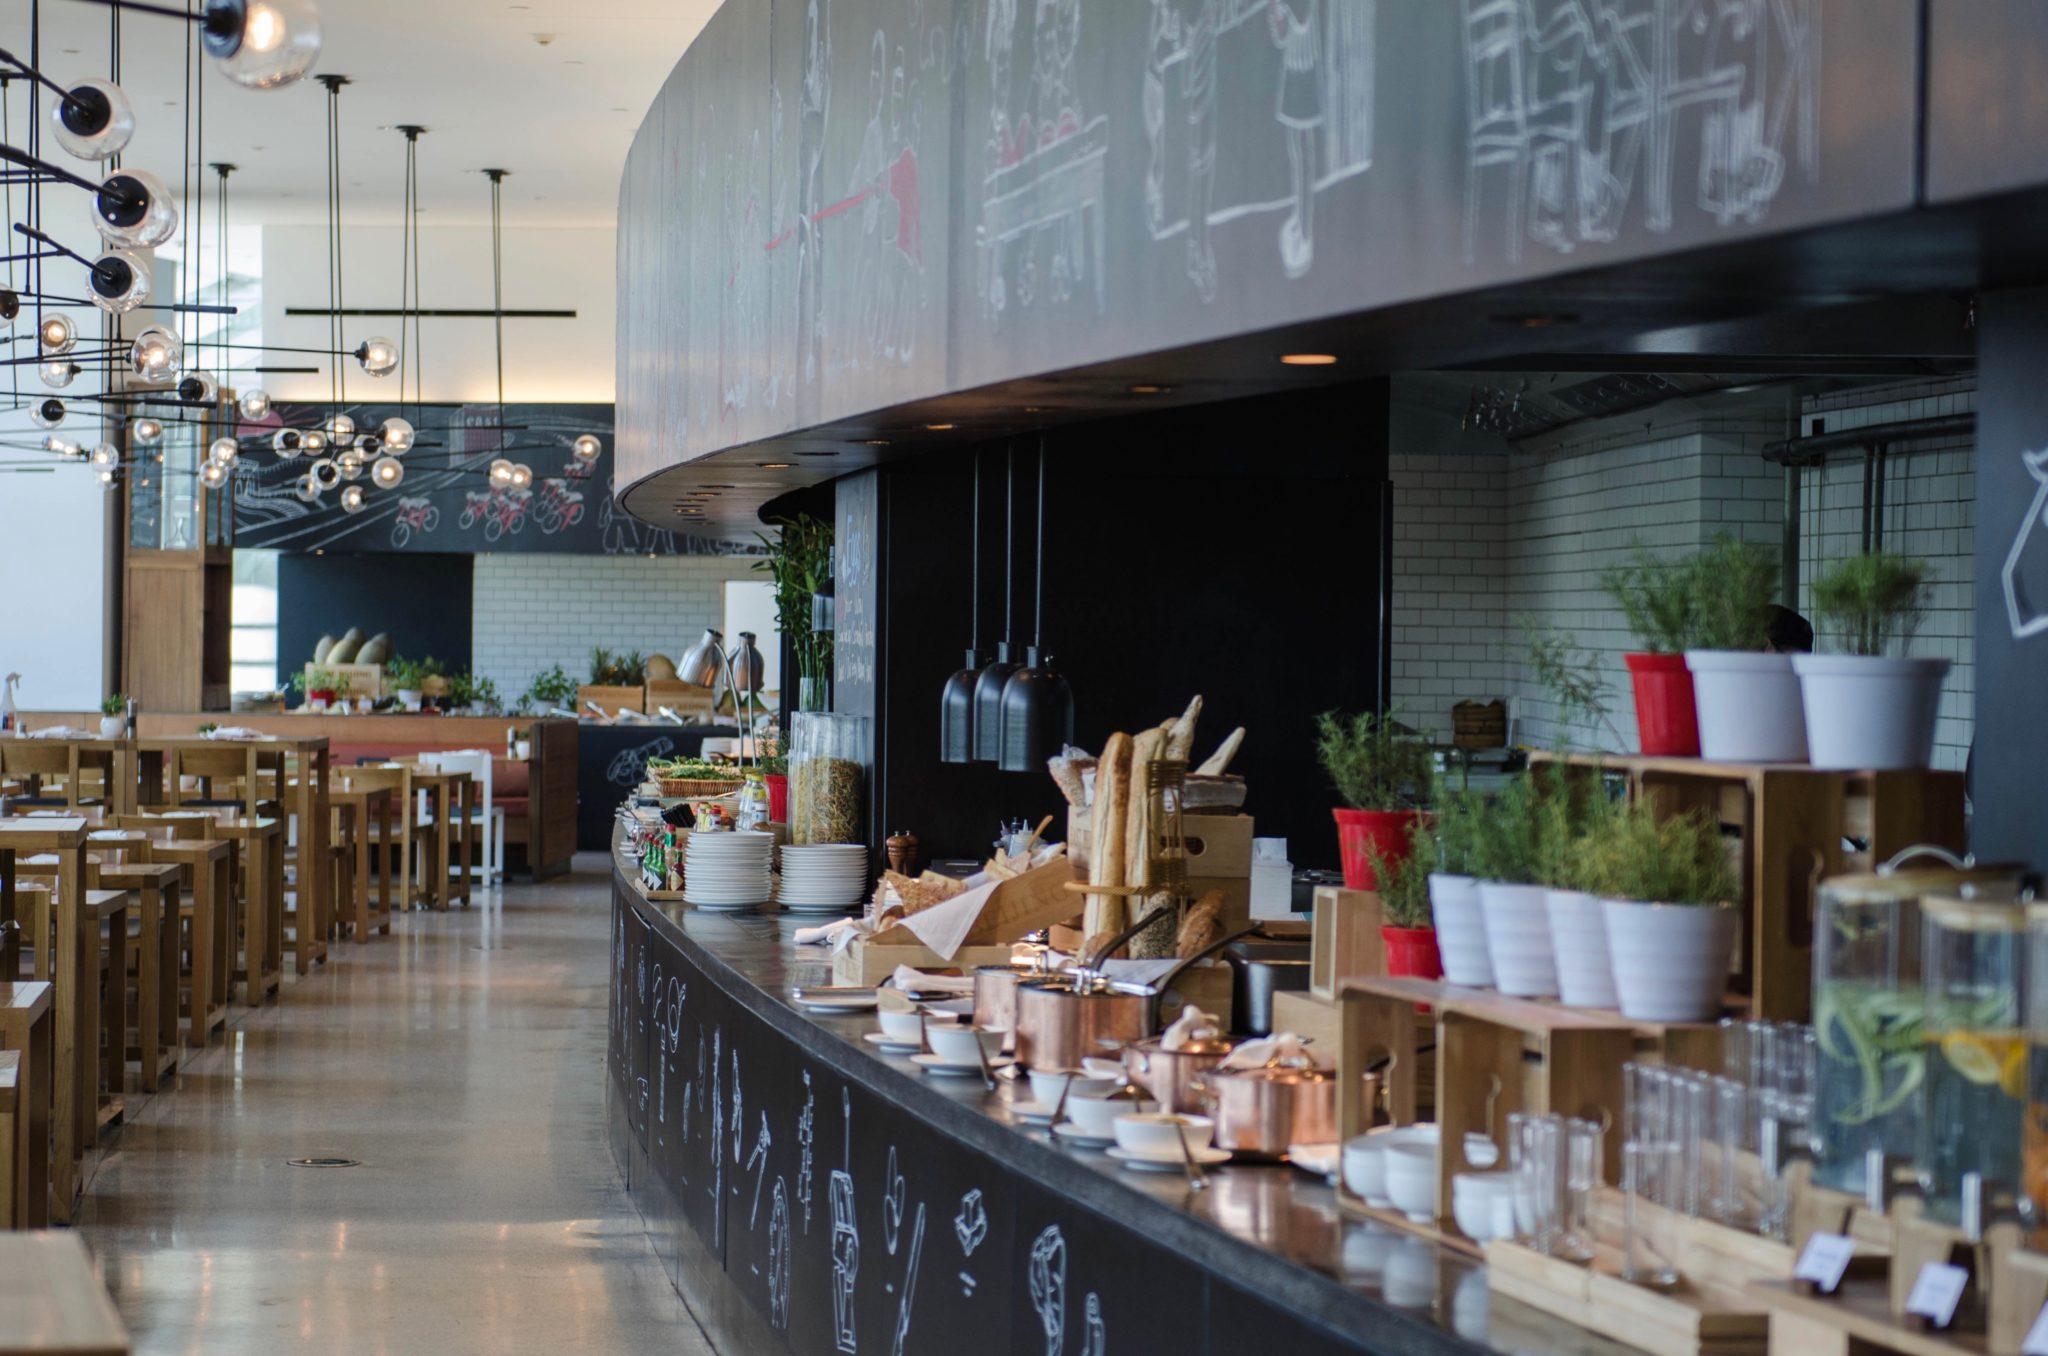 Das Frühstück im East Hotel Beijing ist bekannt für sein großes Buffet